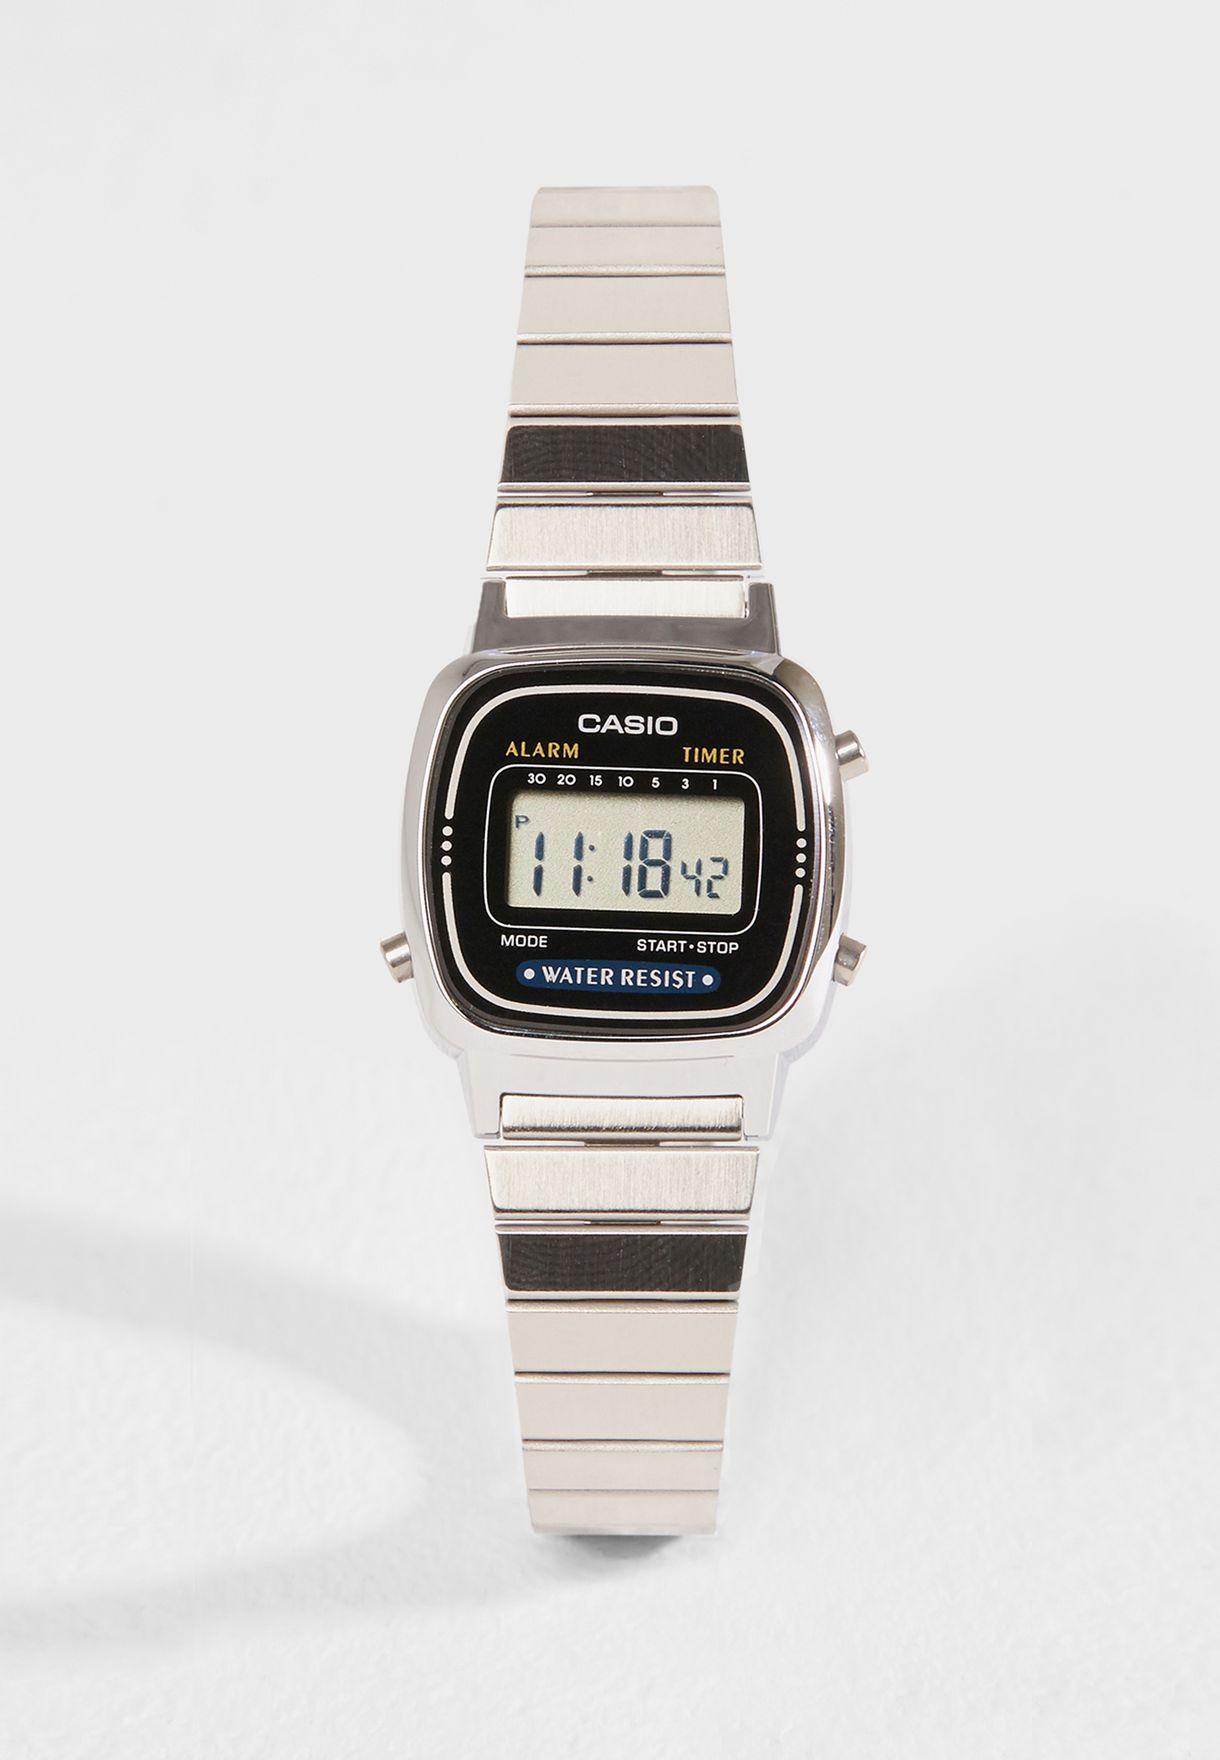 ساعة رقمية بنمط معتق